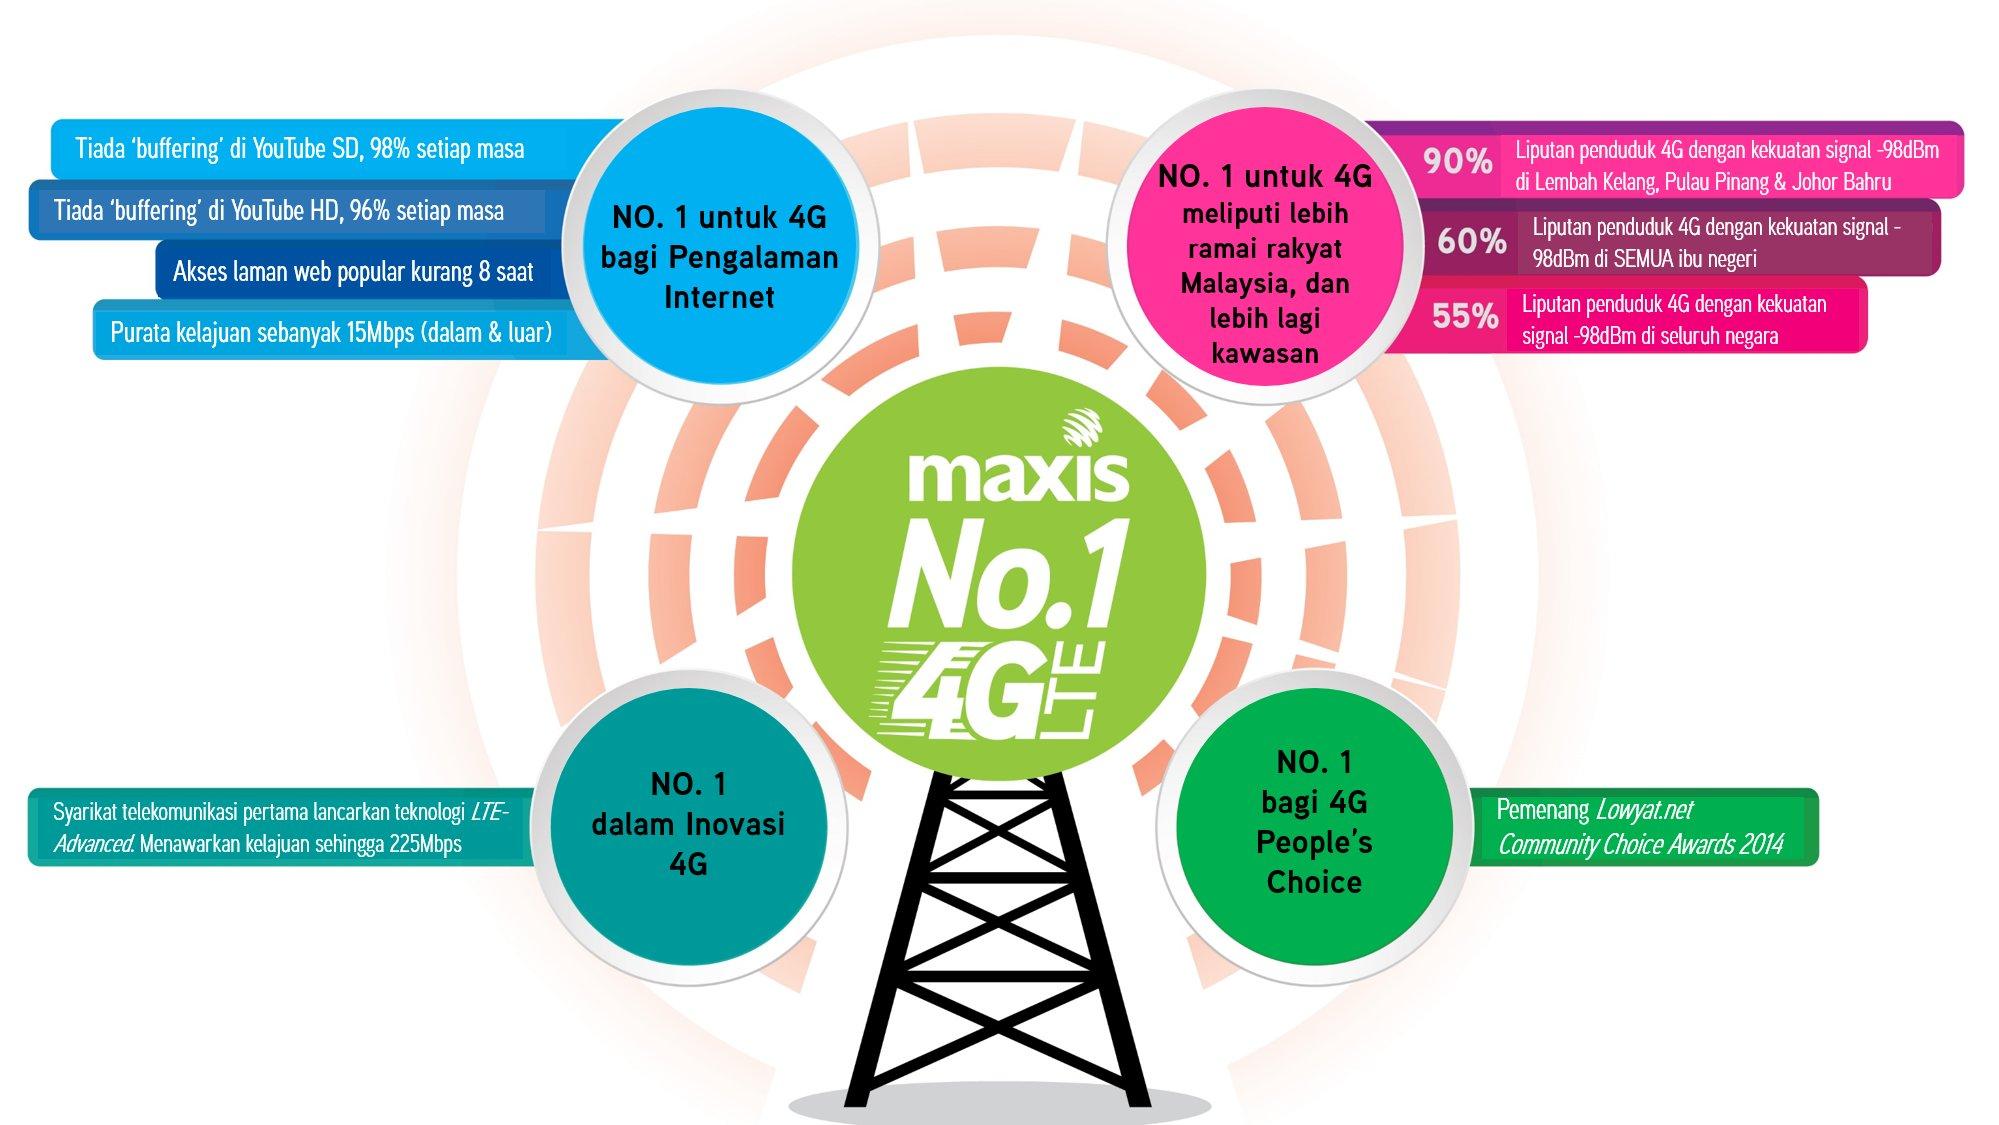 Maxis No.1 4G LTE